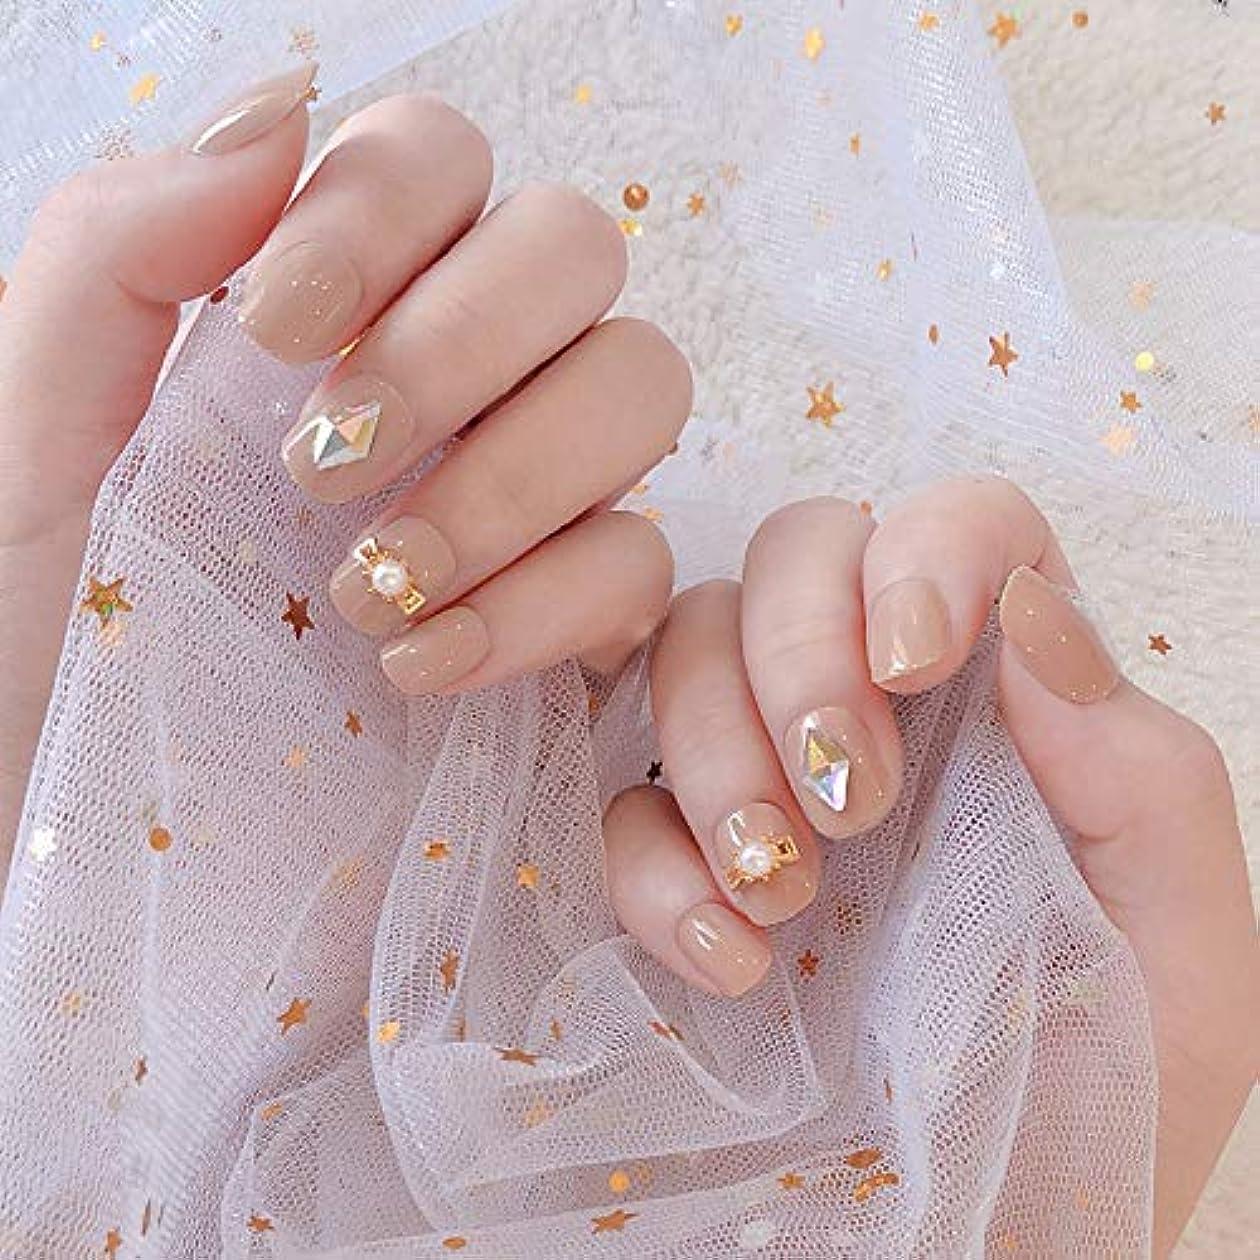 終わったじゃないオペラXUTXZKA 光沢のあるダイヤモンド花嫁ネイルアートグリッド花ネイルステッカーショートフルカバー偽の爪